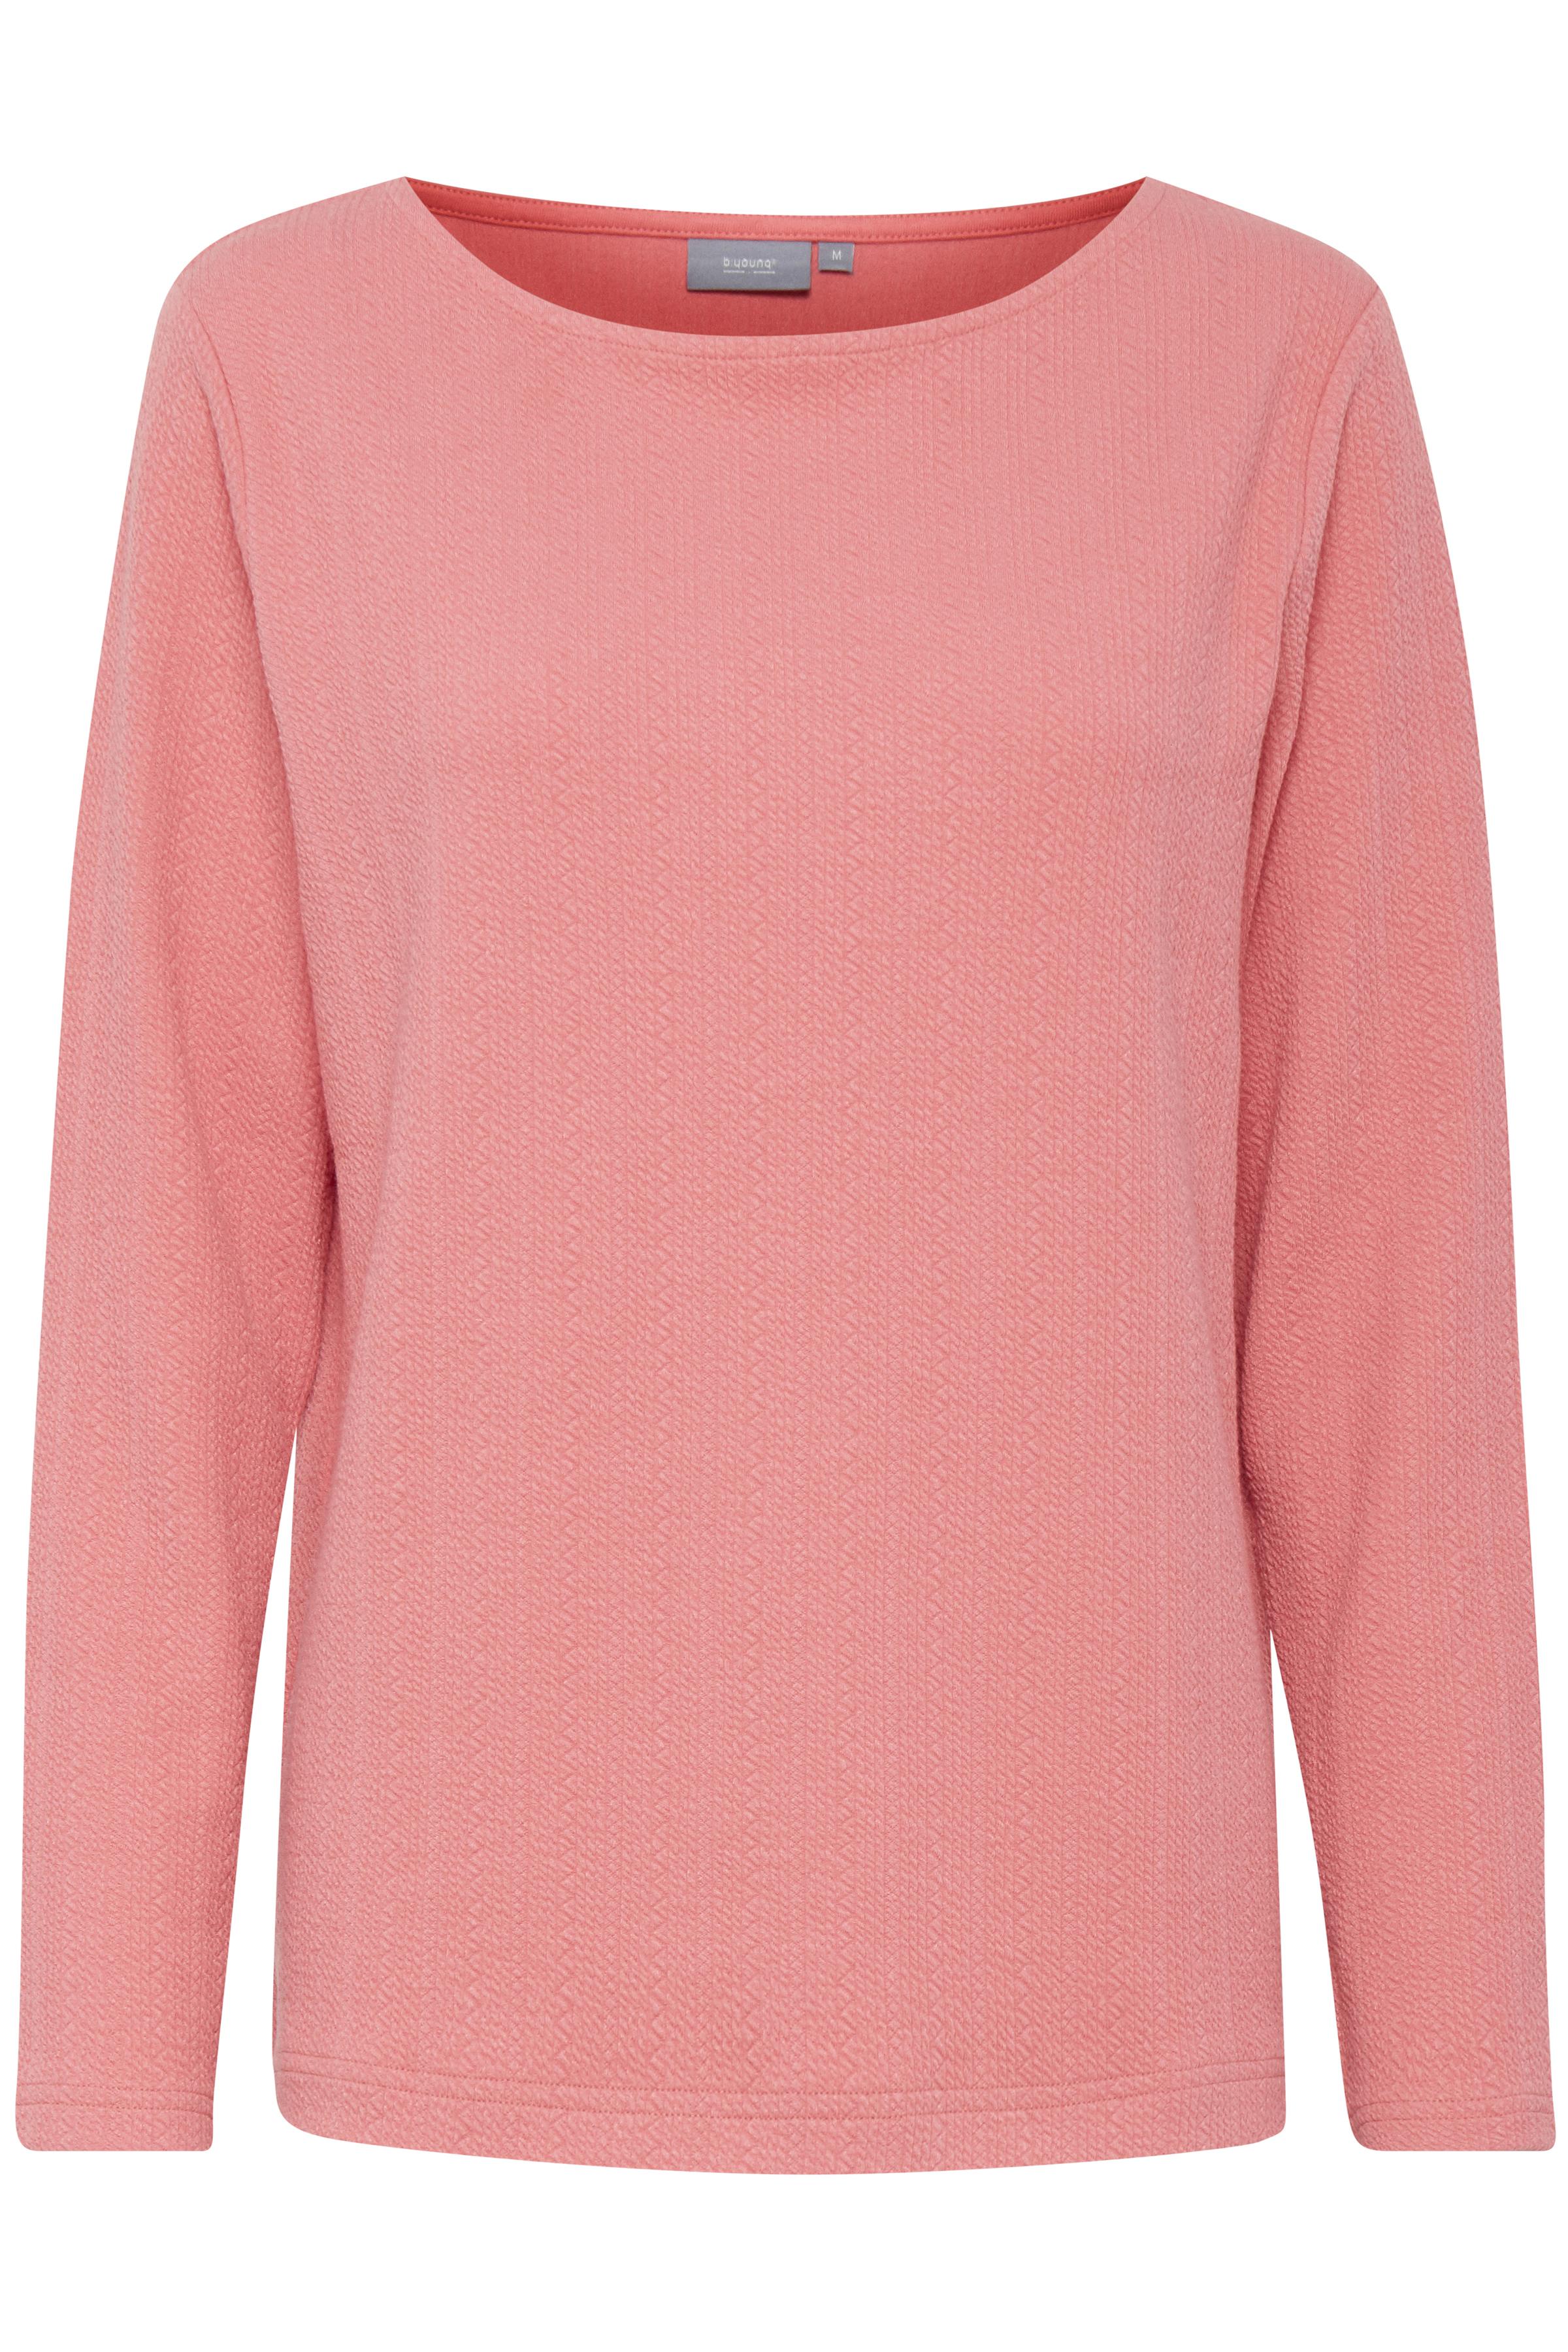 Sunkist Coral Langærmet T-shirt fra b.young – Køb Sunkist Coral Langærmet T-shirt fra str. S-XXL her